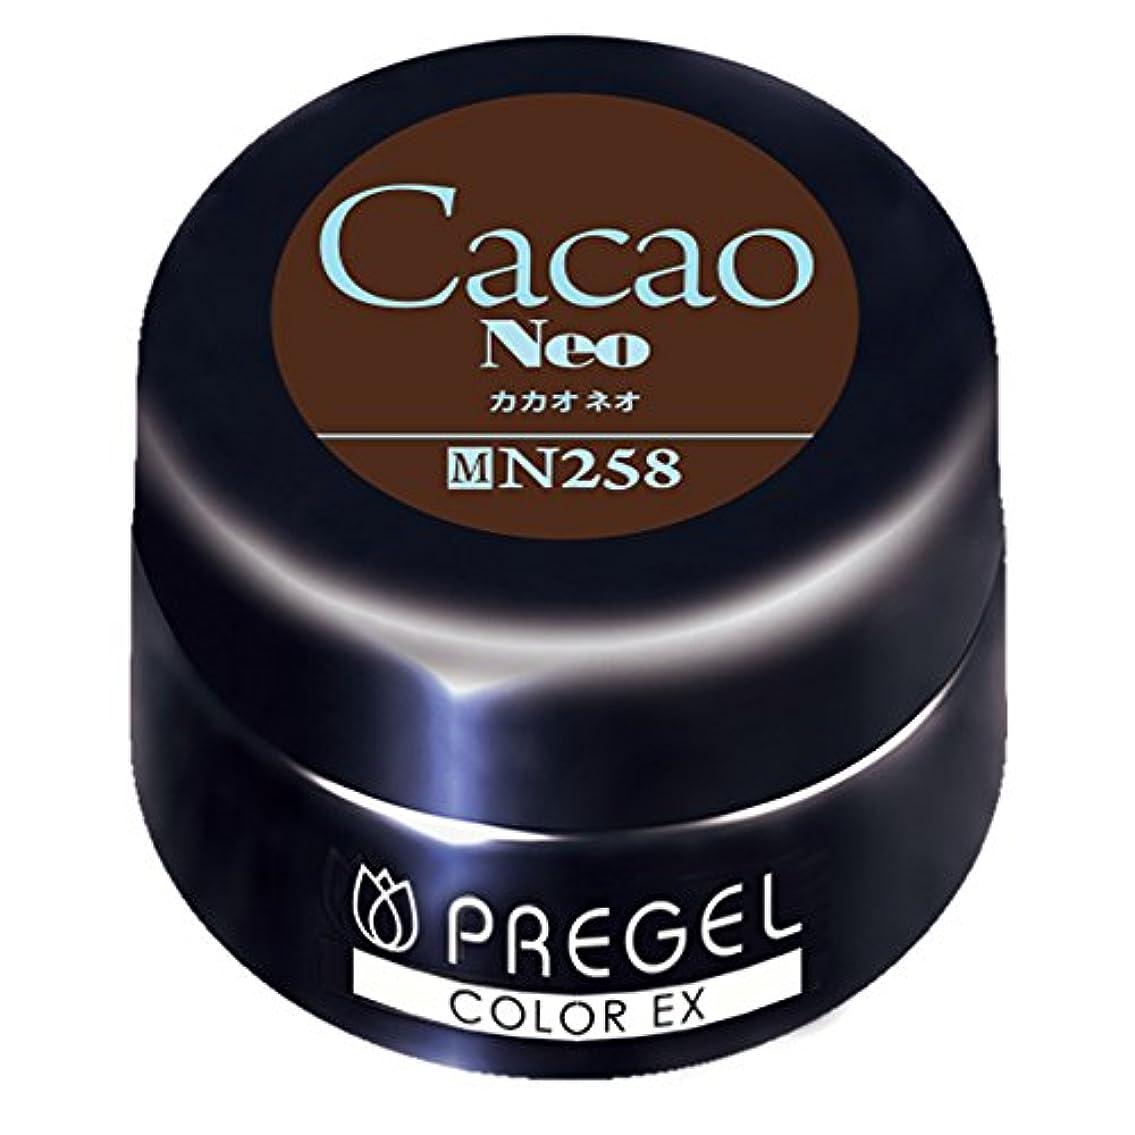 協定違う十分にPRE GEL カラーEX カカオneo 258 4g UV/LED対応